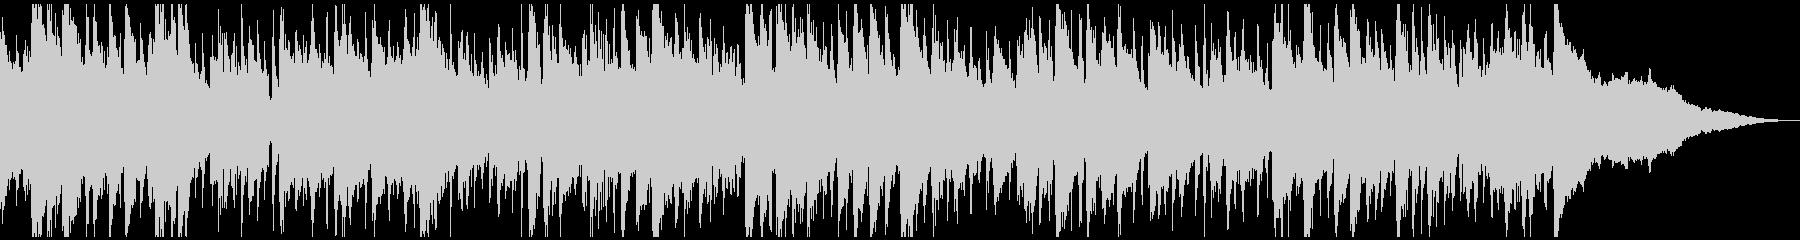 生演奏・正月定番曲「一月一日」ボサノバの未再生の波形